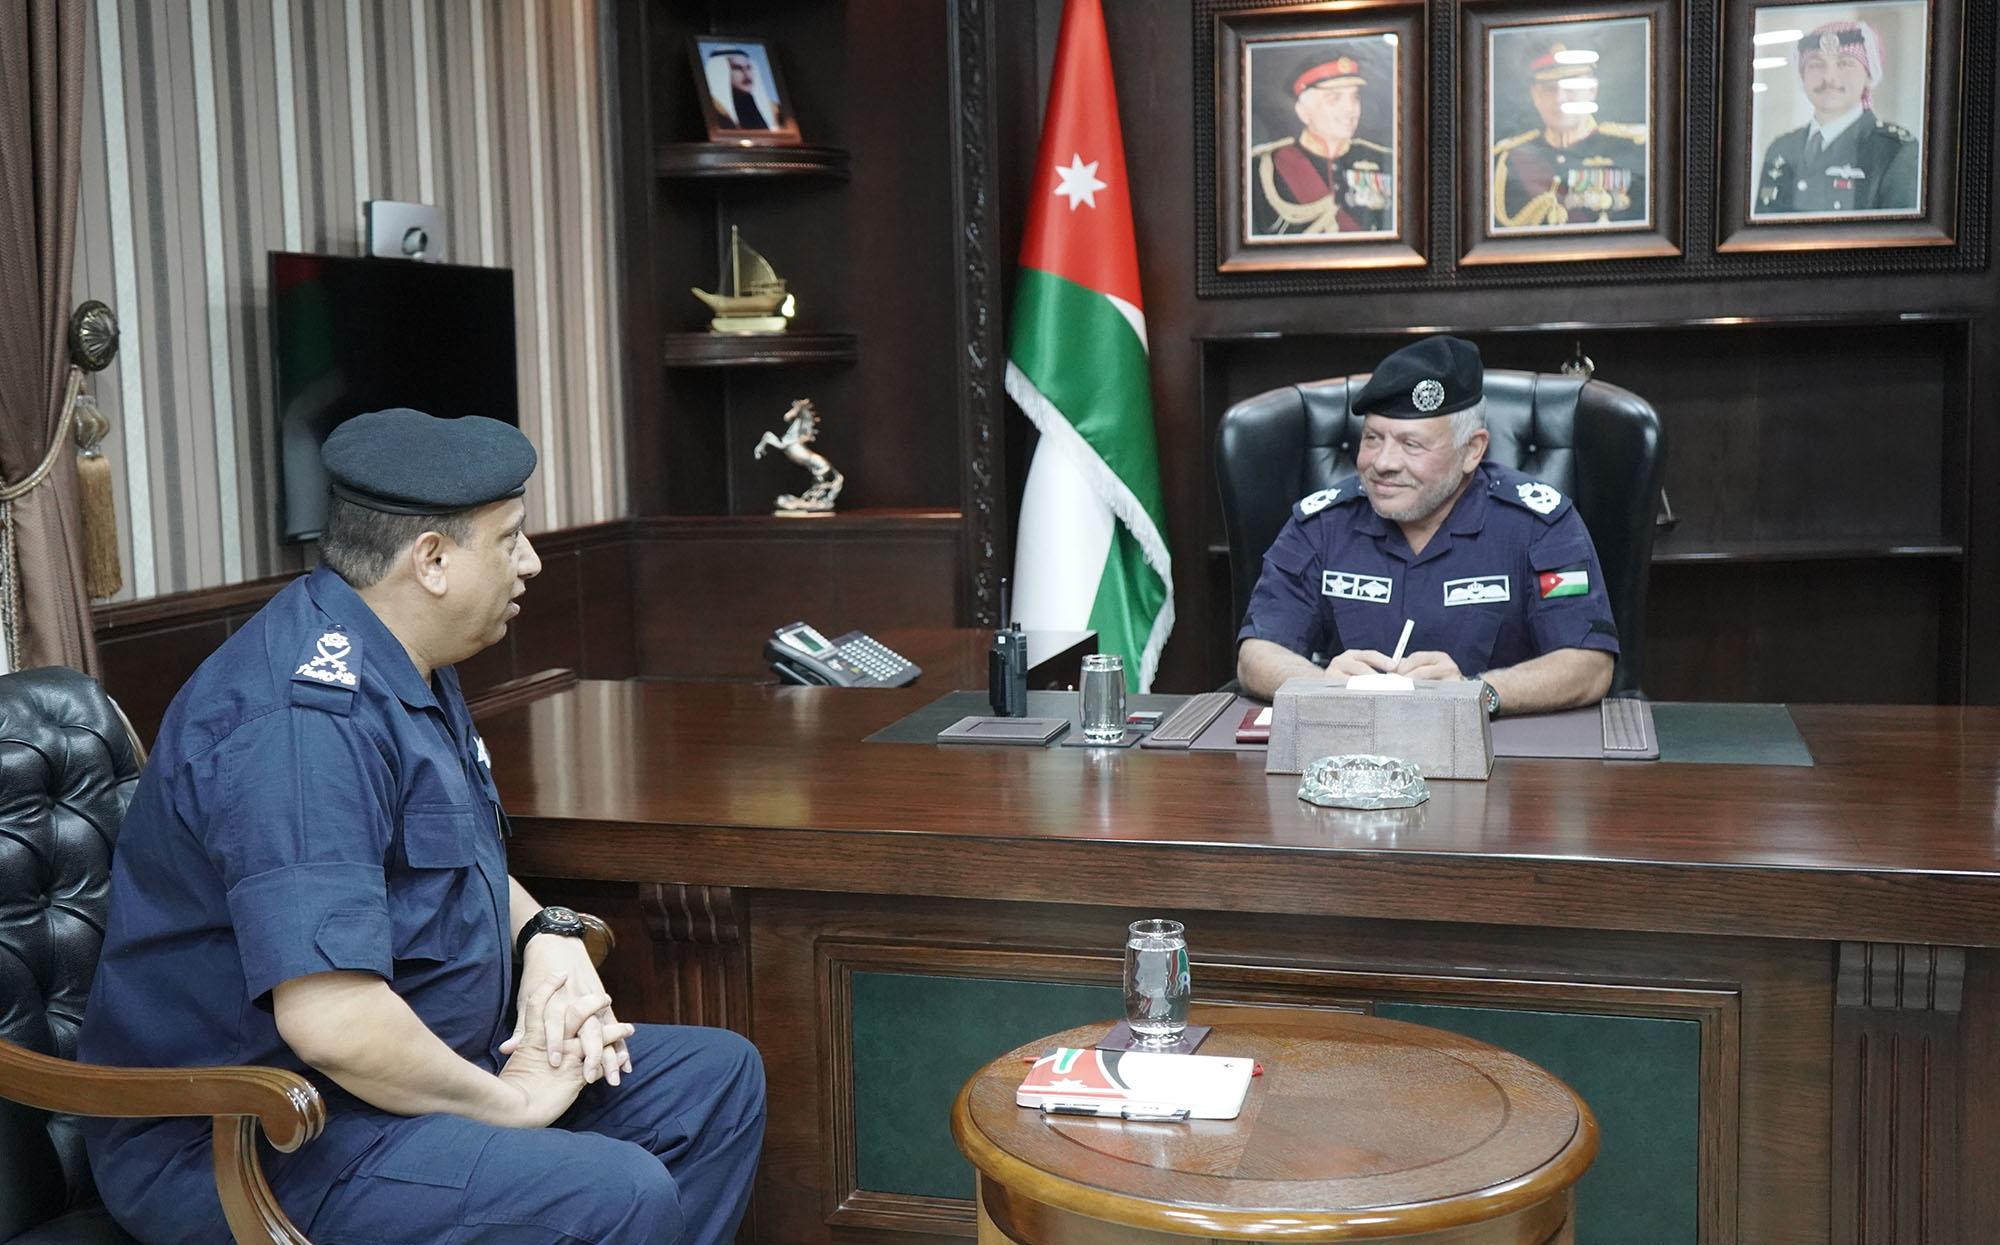 الملك يزور مديرية الأمن العام ويؤكد ضرورة الإسراع بعملية الدمج لتحسين أوضاع العاملين والمتقاعدين